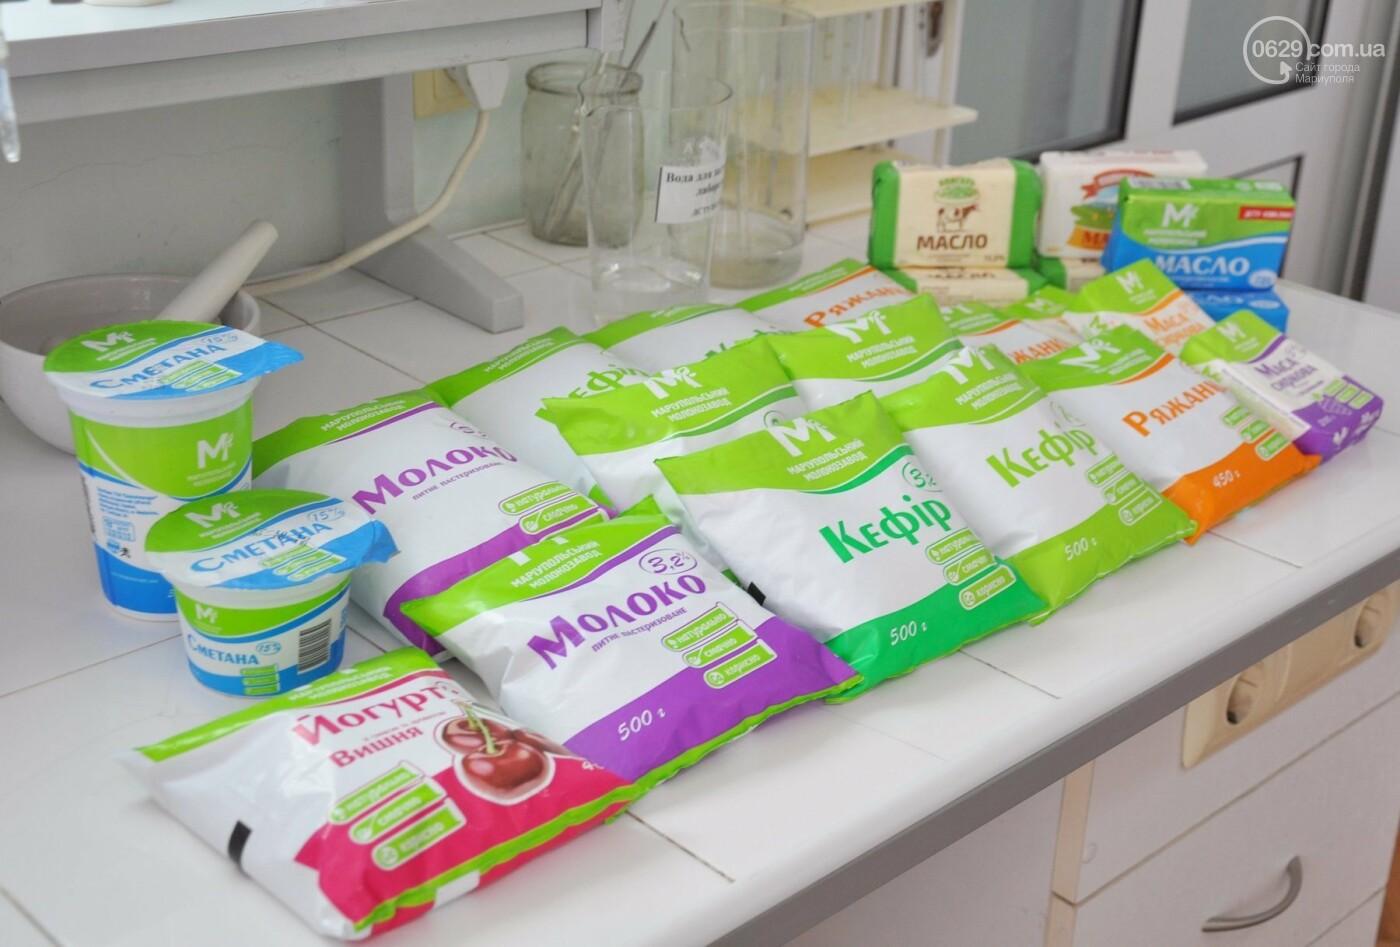 Юрий Тернавский: «Мариупольский молокозавод может напоить молоком каждого жителя Мариуполя и Приазовья», фото-50